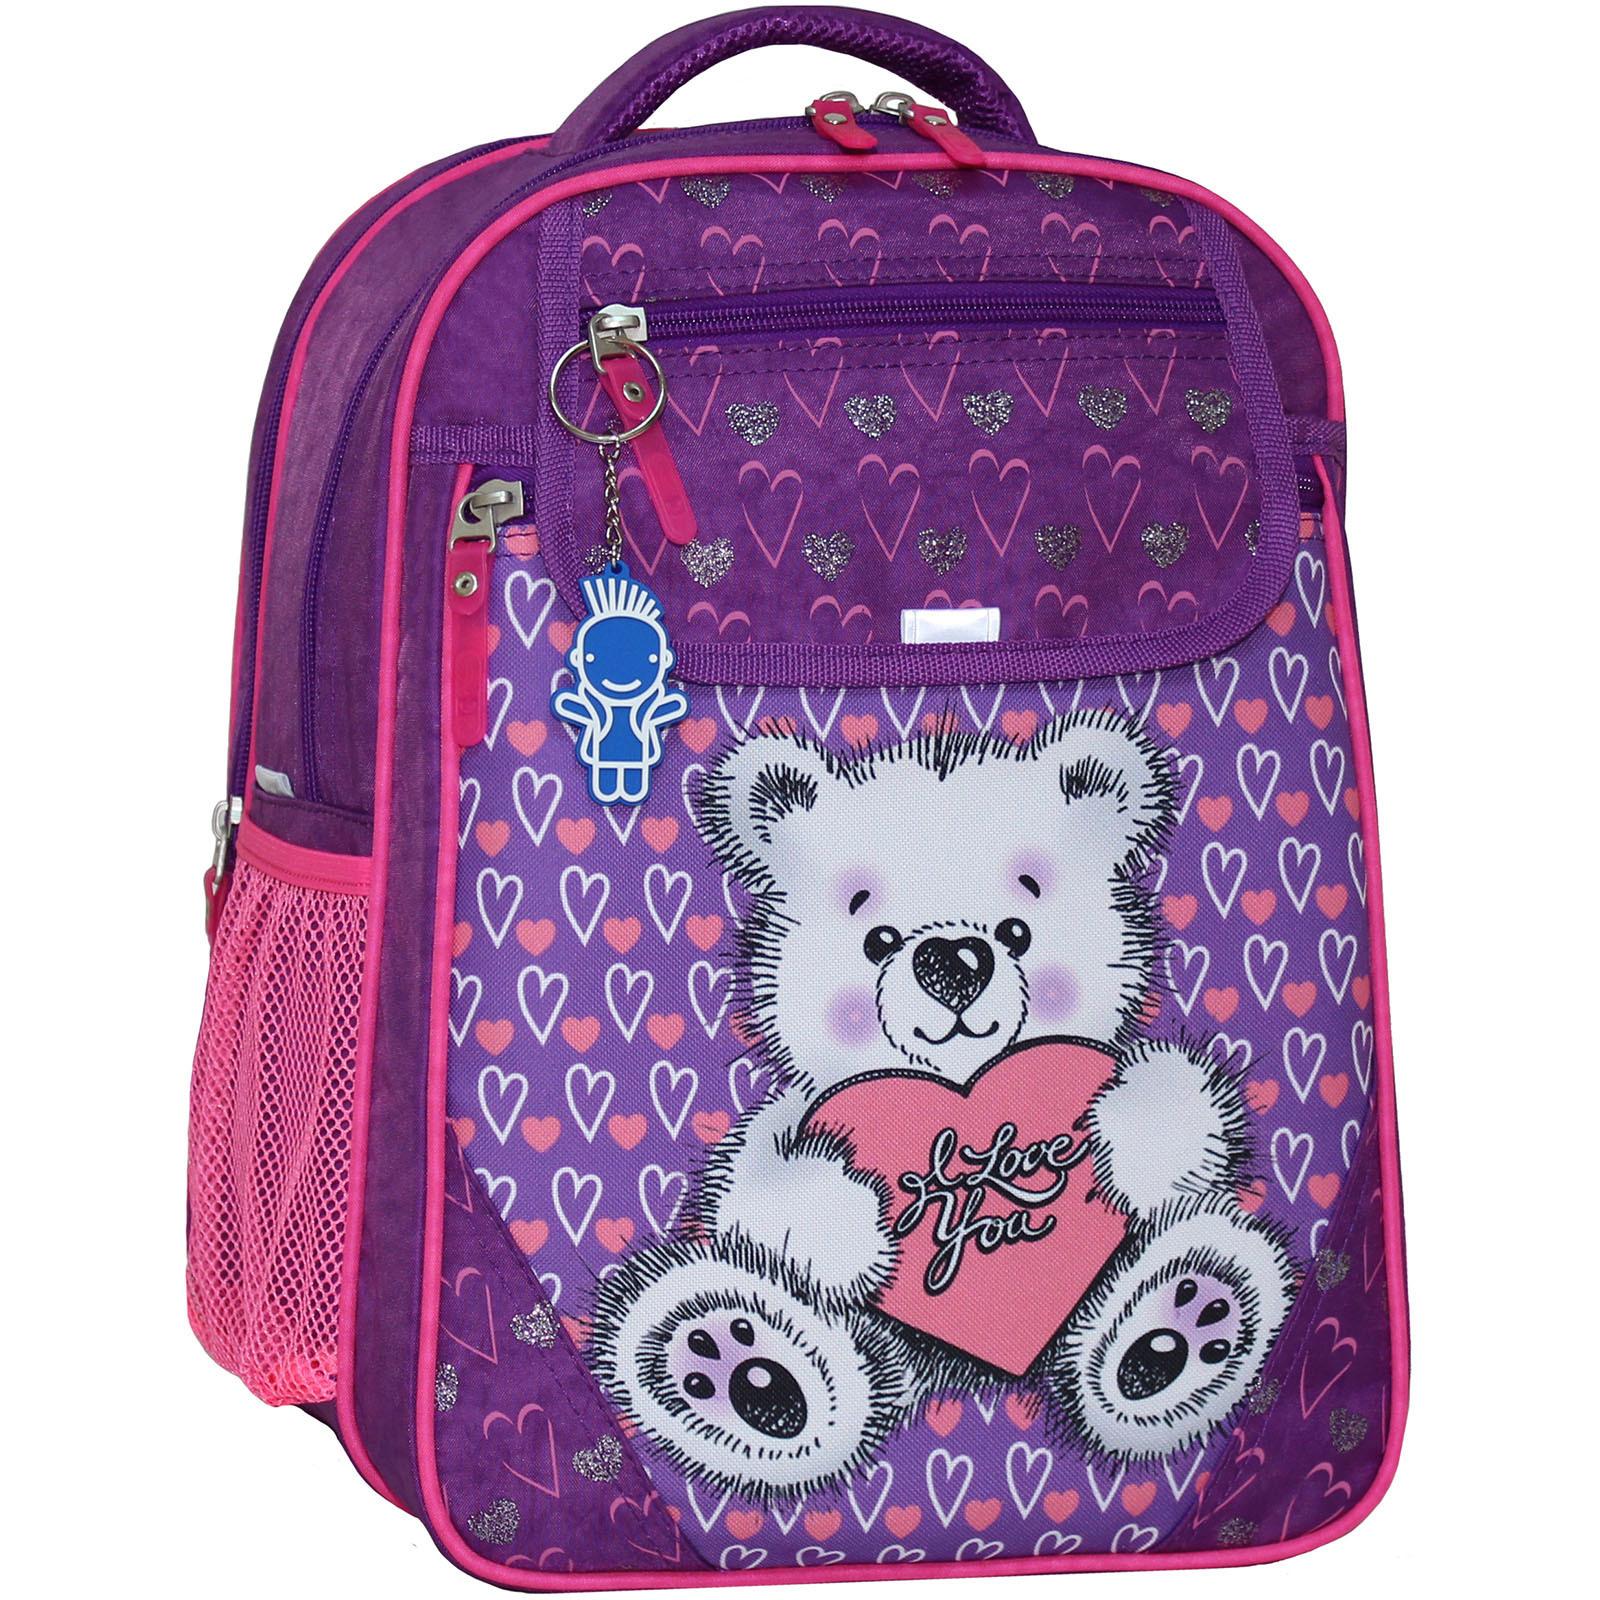 Школьные рюкзаки Рюкзак школьный Bagland Отличник 20 л. 339 фиолетовый 377 (0058070) IMG_5768_377_.JPG